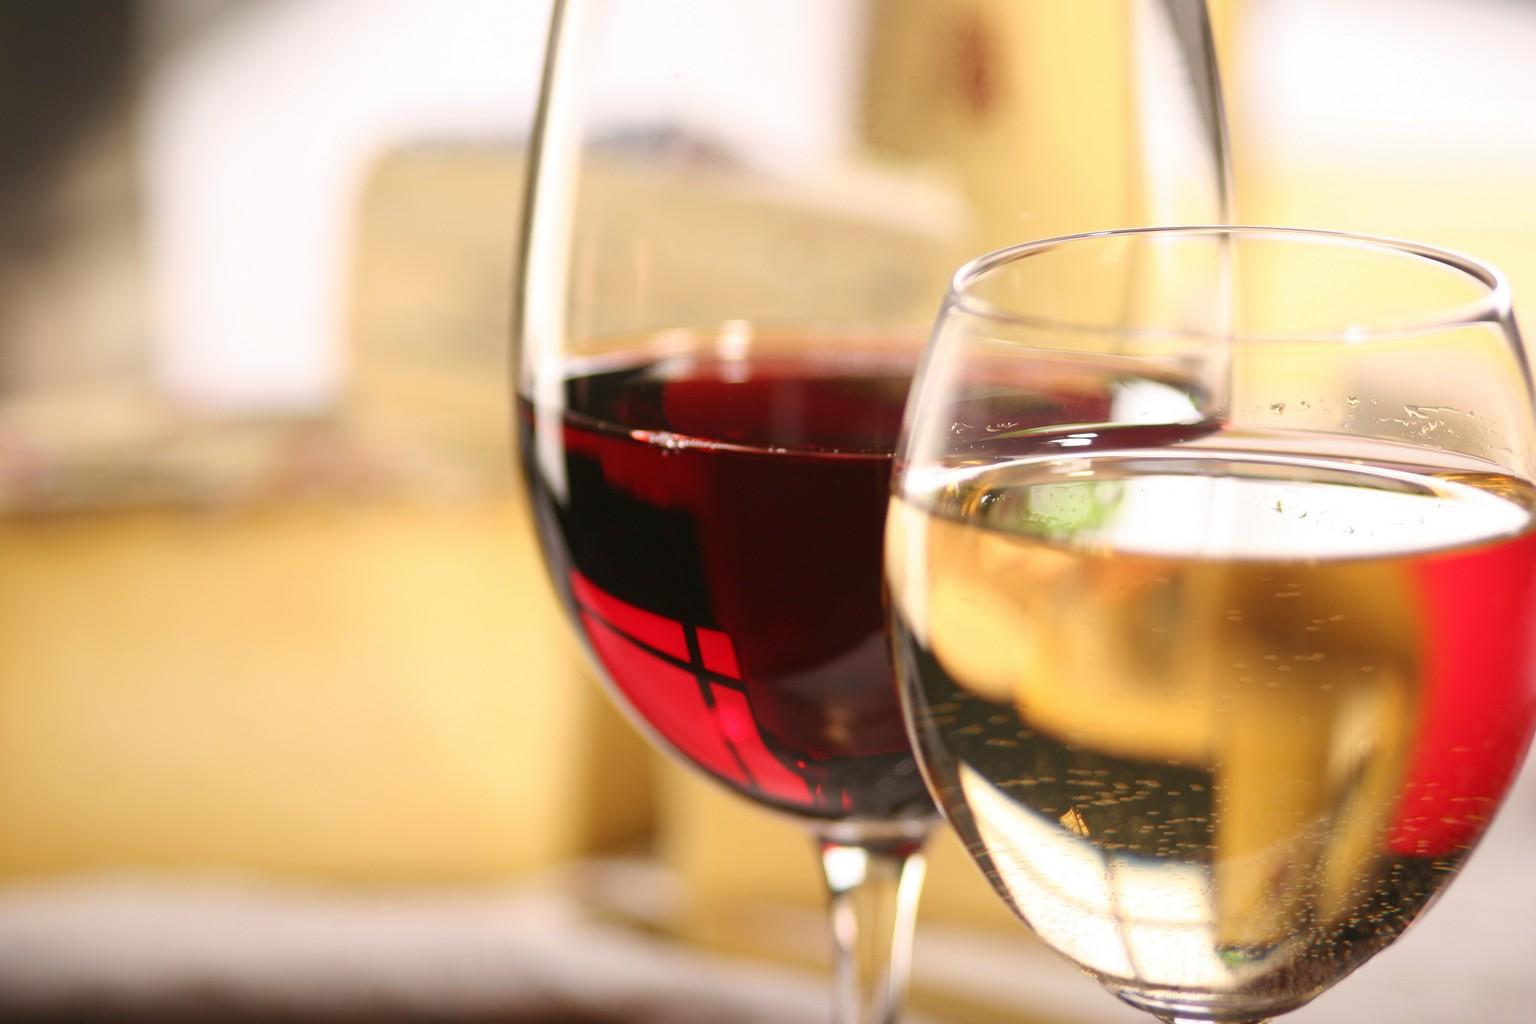 Achat vin : le principe des accords mets et vins